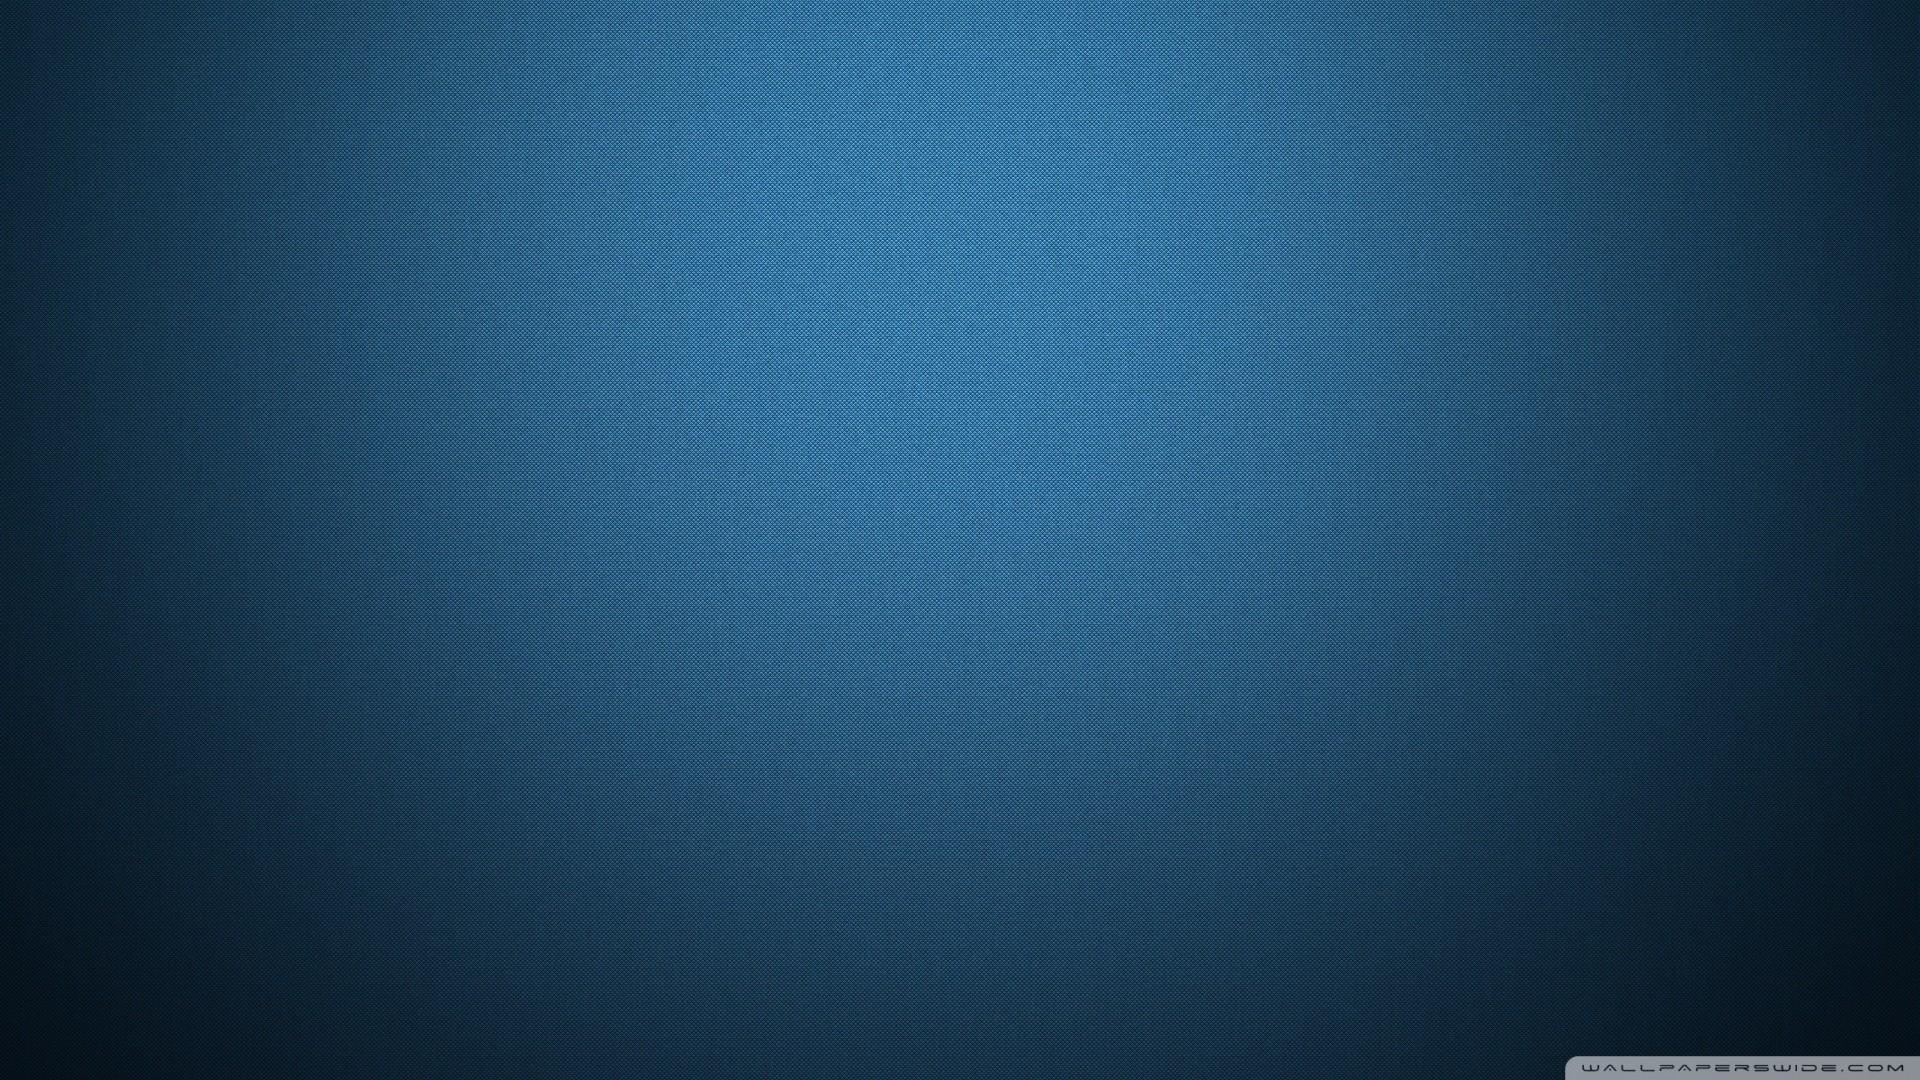 Dark Blue Background Wallpaper Dark, Blue, Background